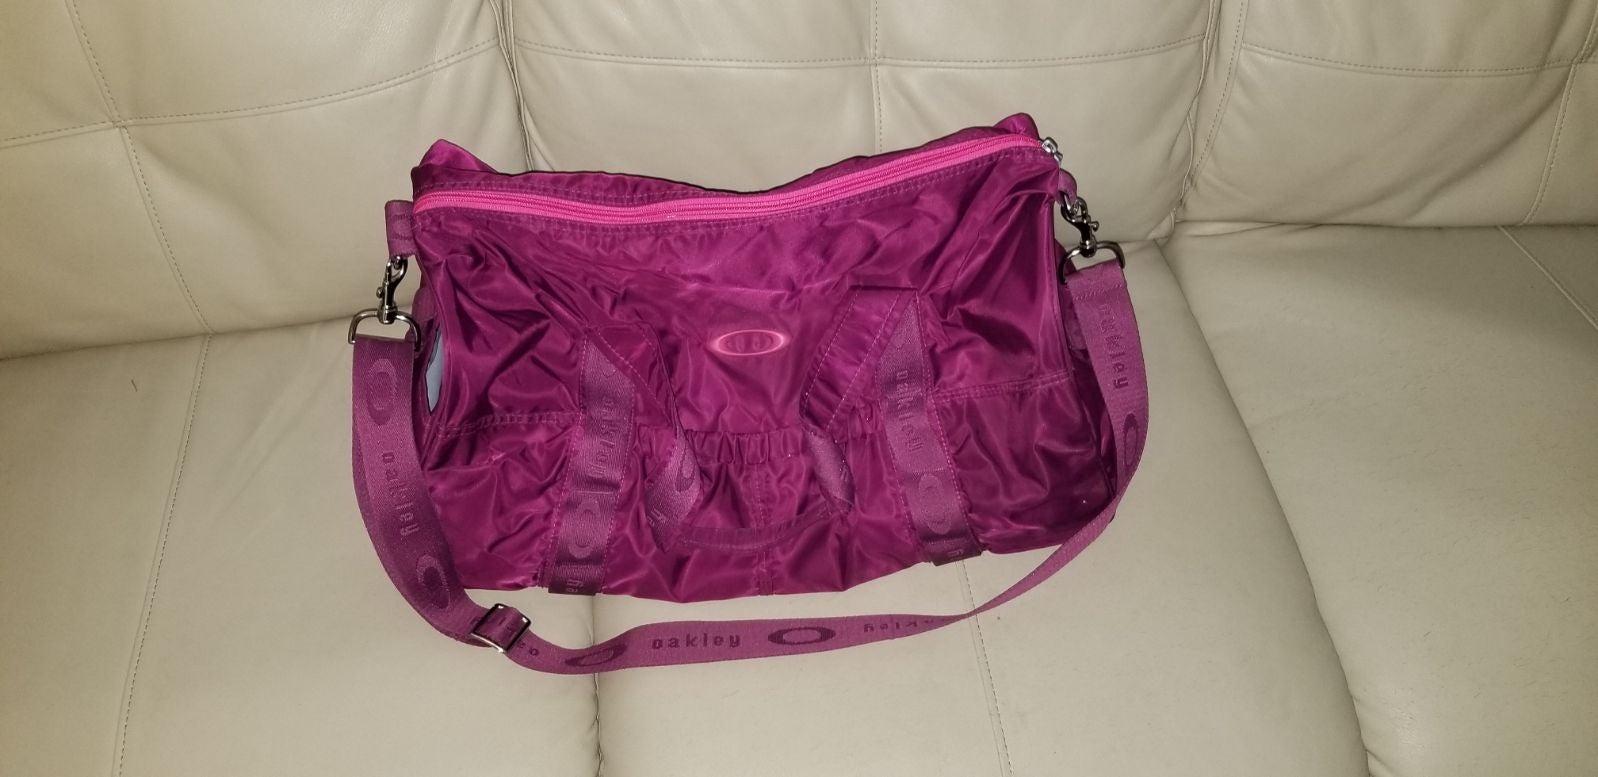 Oakley Duffle Gym Bag